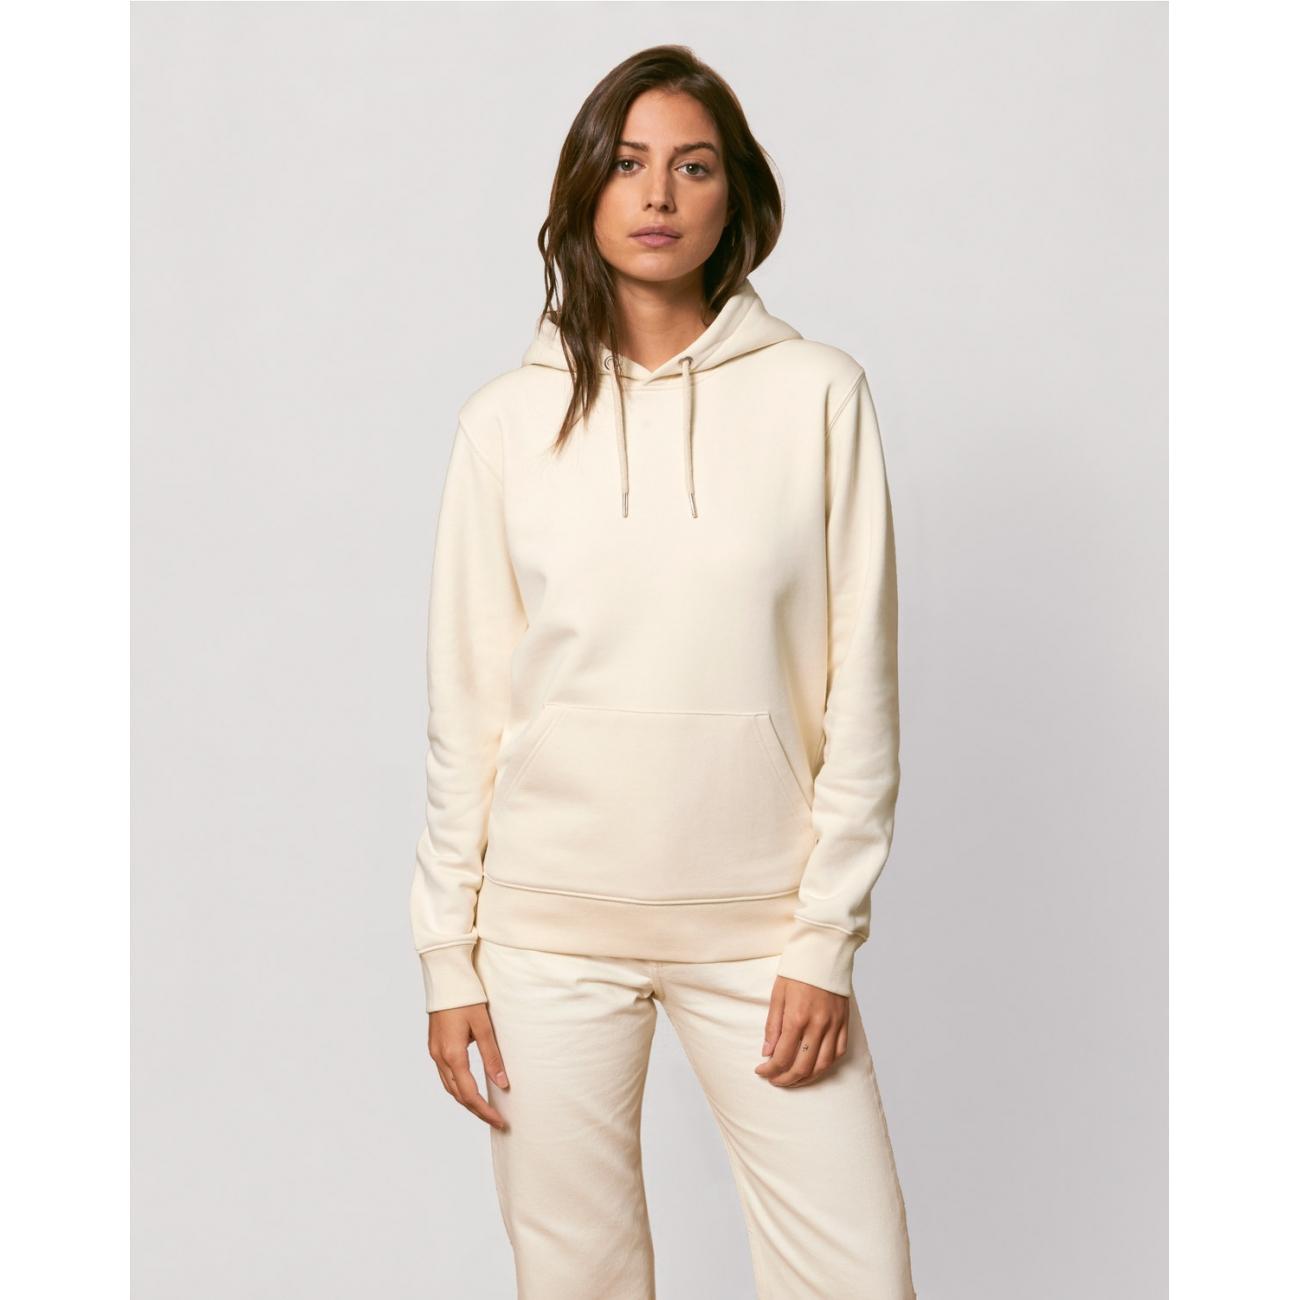 https://tee-shirt-bio.com/10029-thickbox_default/sweat-shirt-femme-capuche-epais-et-interieur-doux-coton-bio-sans-teinture-coton-brut.jpg